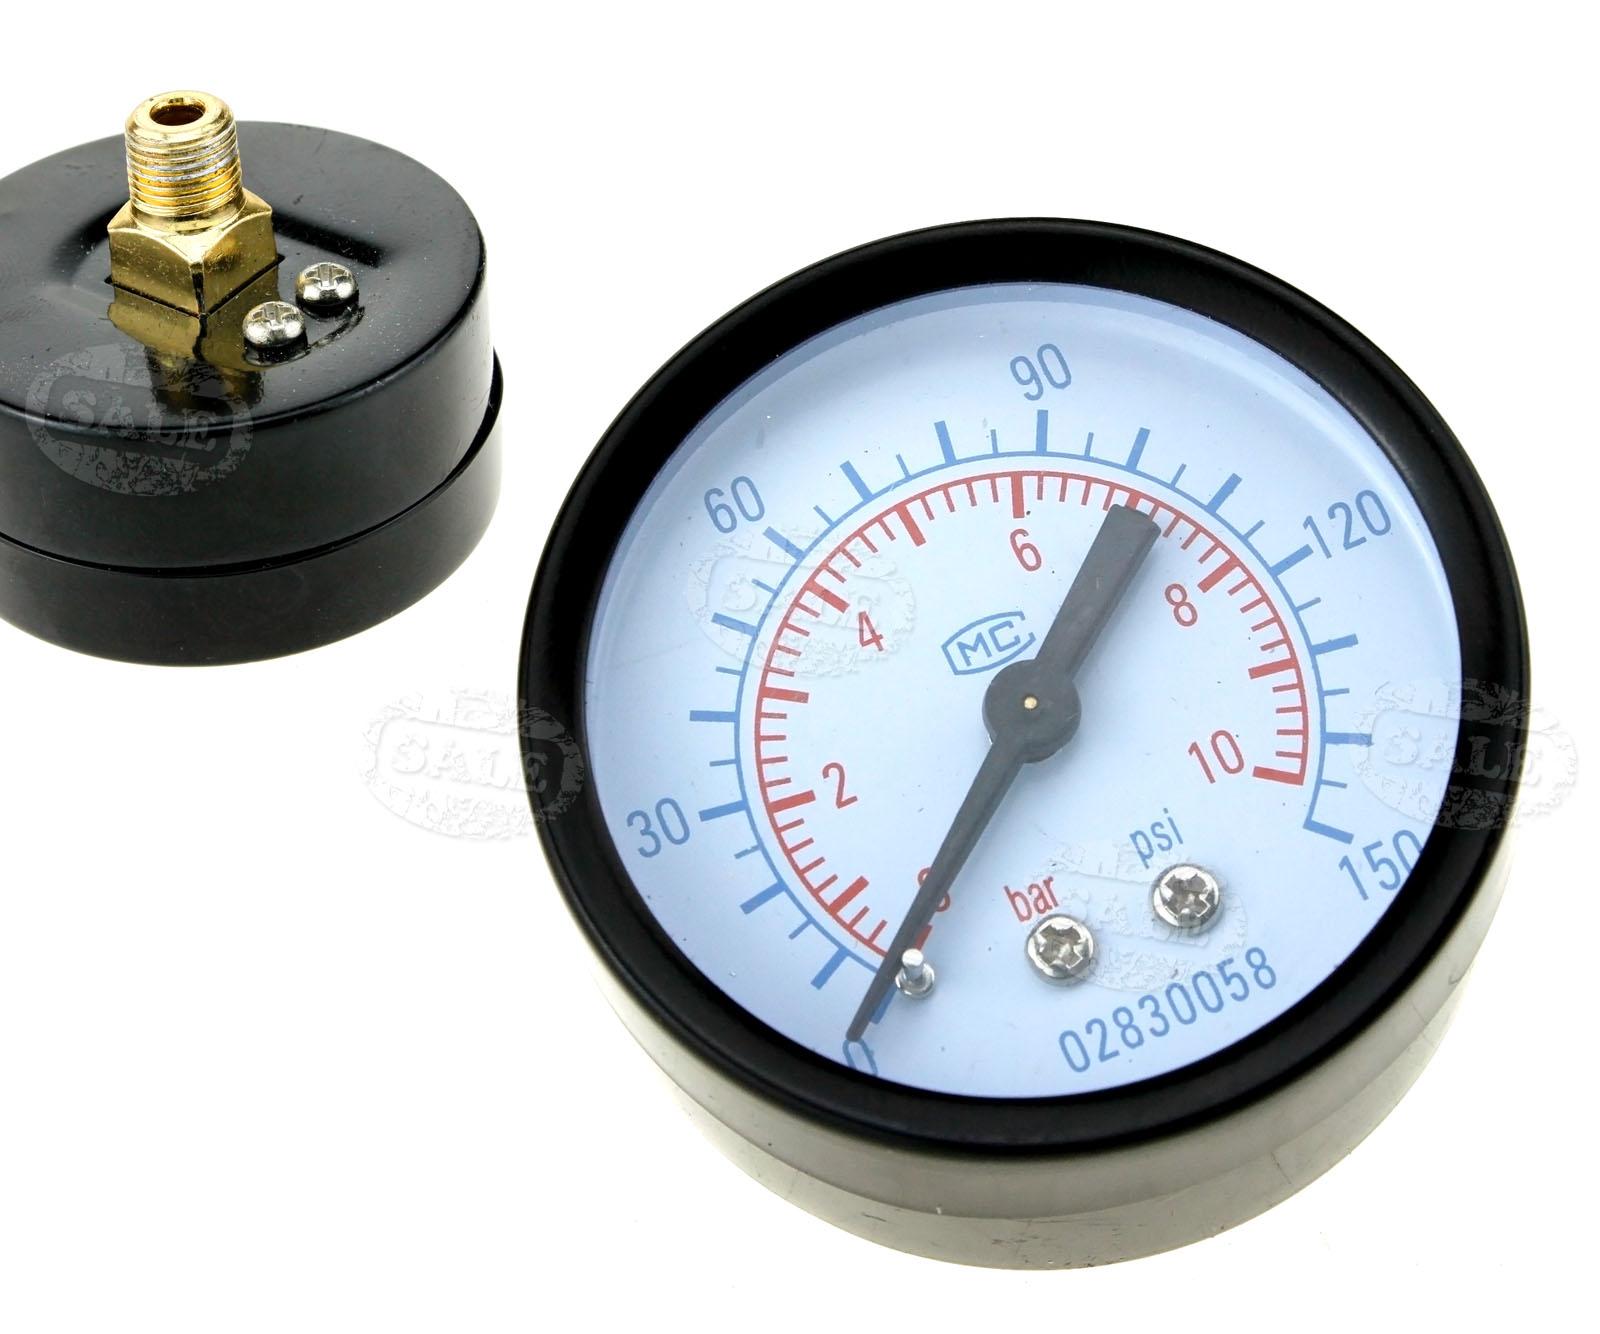 150 psi 10 bar 1 4 air water compressor trap regulator wall bracket w gauge ebay. Black Bedroom Furniture Sets. Home Design Ideas